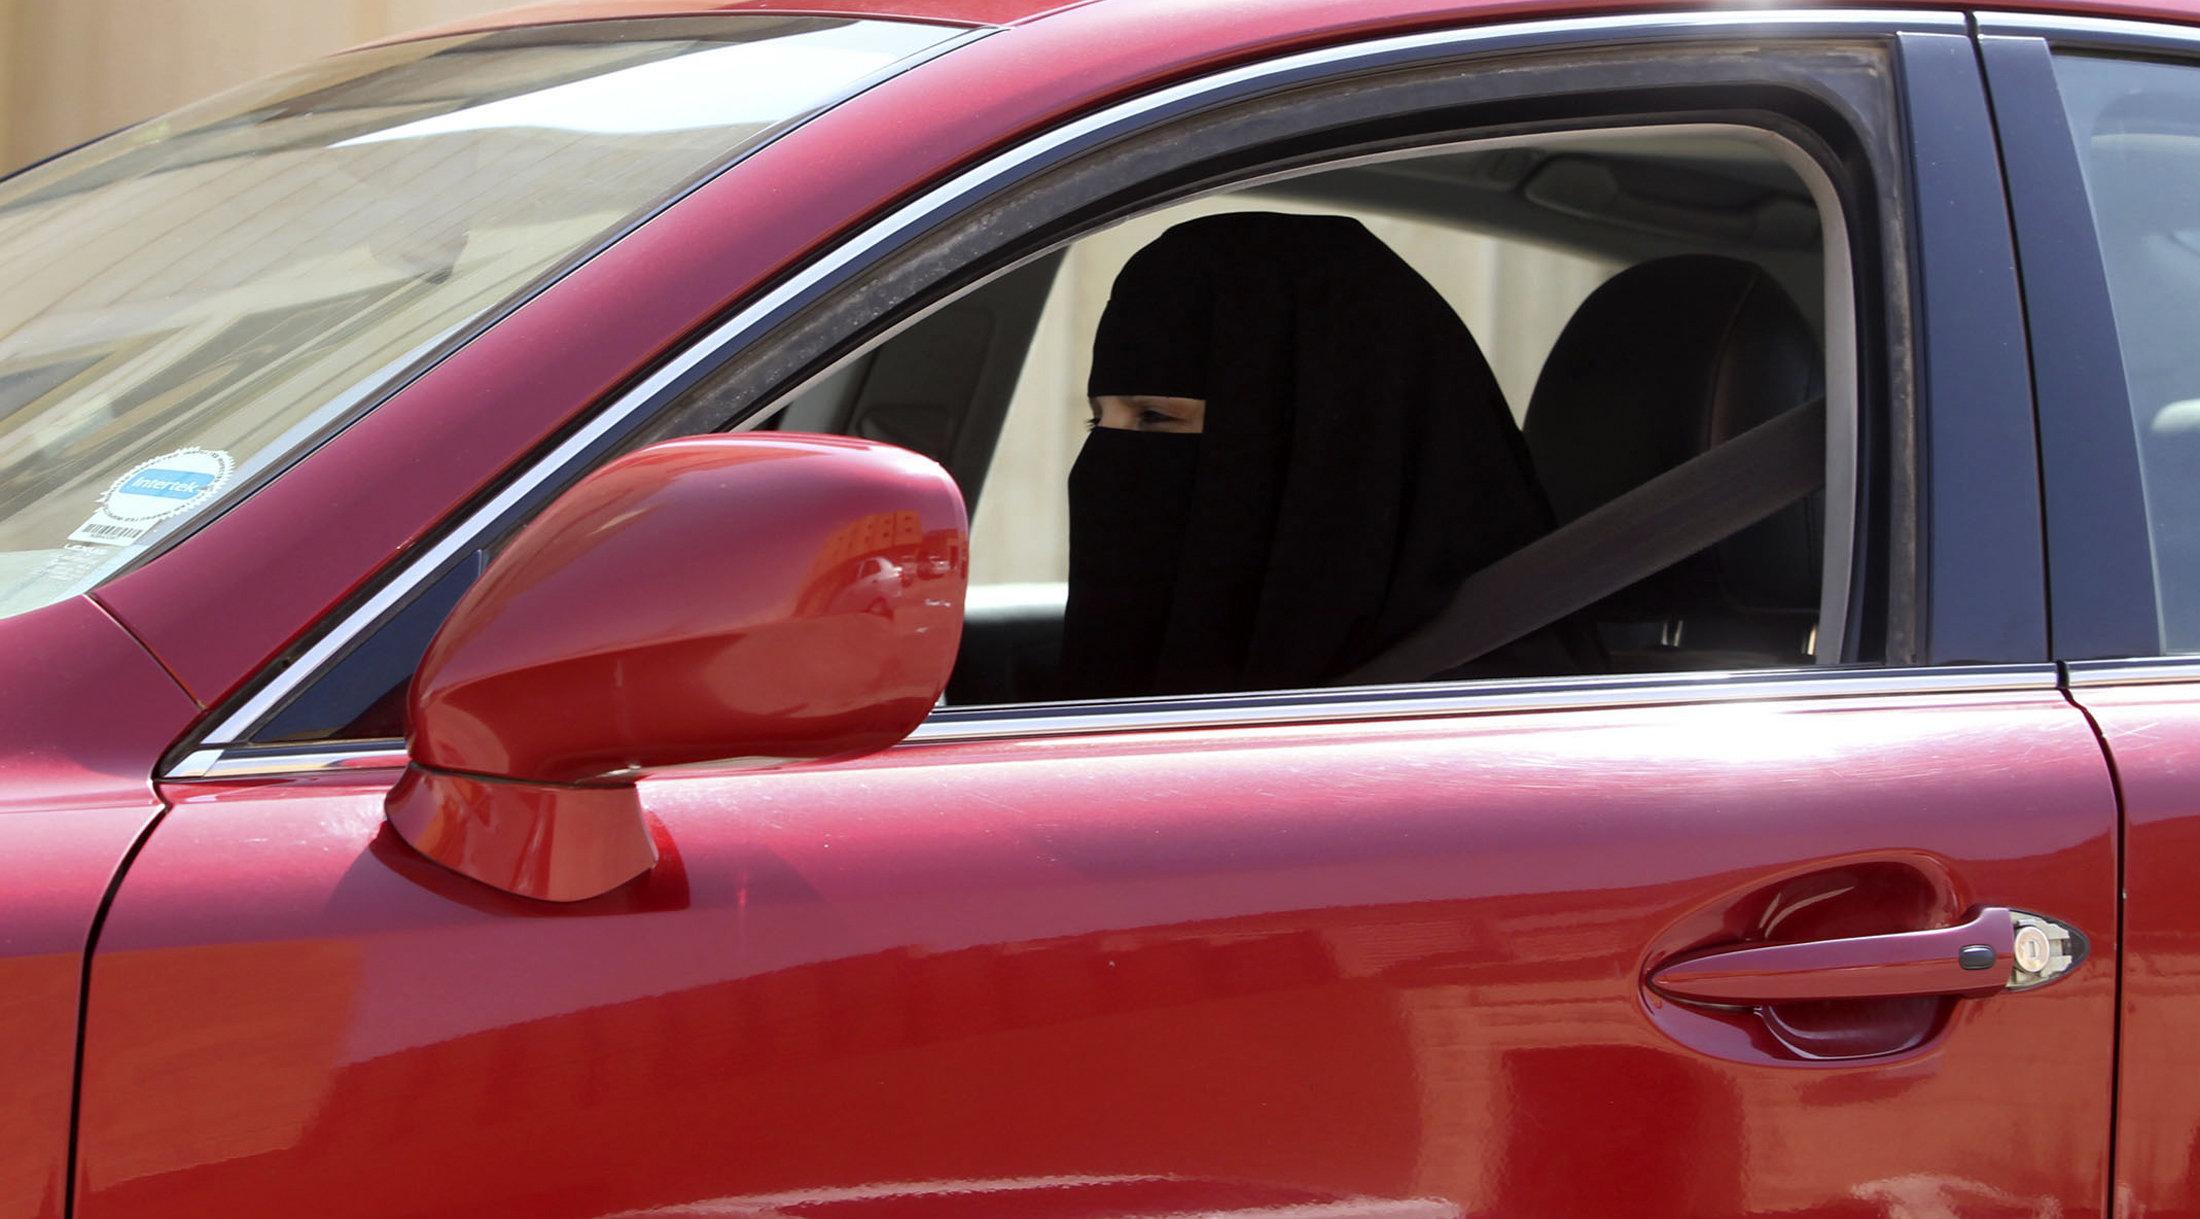 Σαουδική Αραβία: Σύλληψη ακτιβιστών υπέρ των δικαιωμάτων των